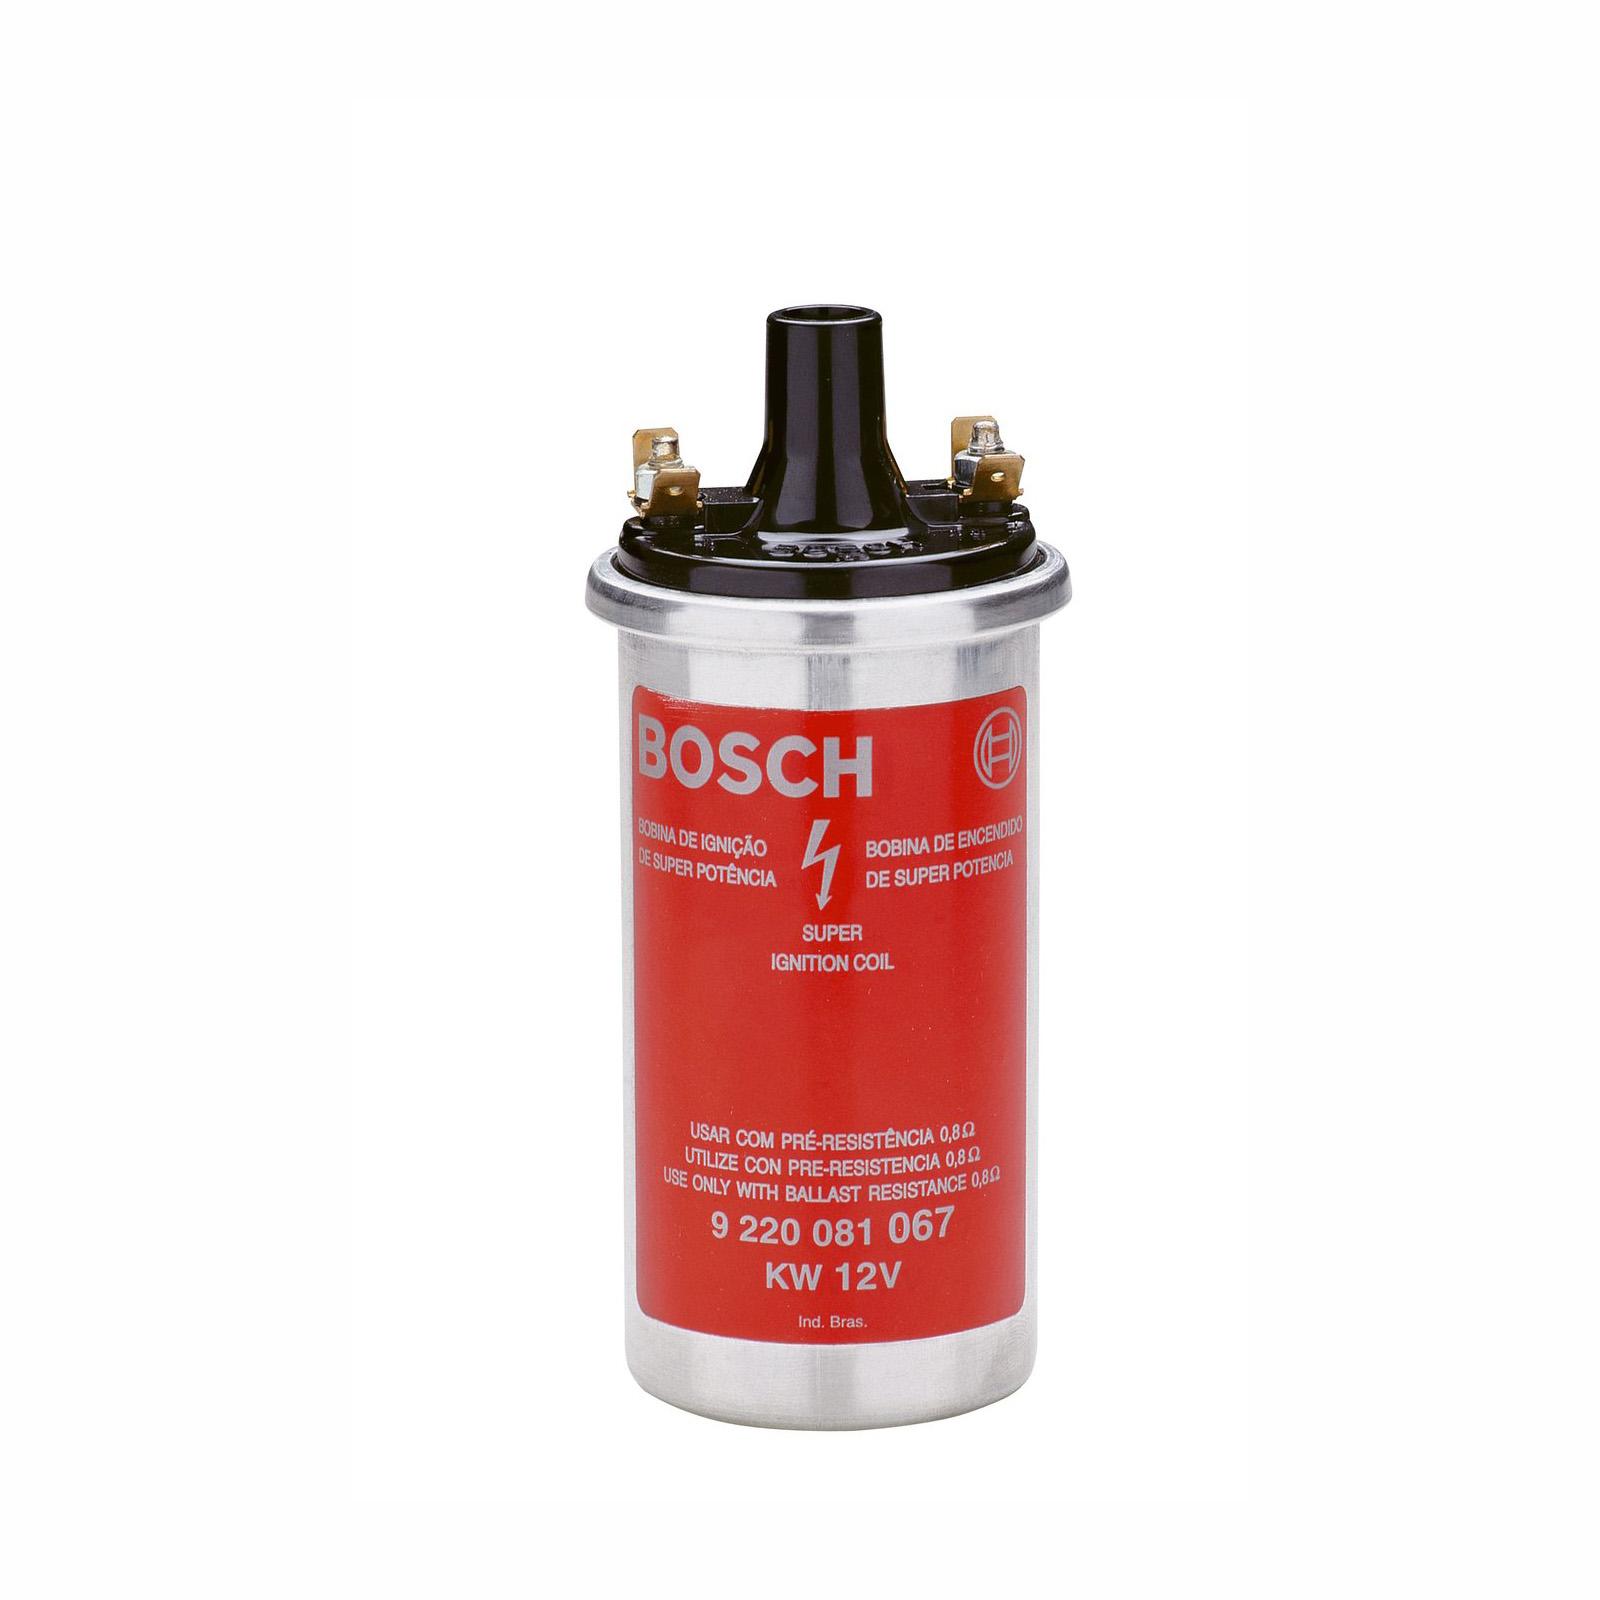 Bobina de Ignição Sem Pino (9220081067) - Bosch - Peça - Sku